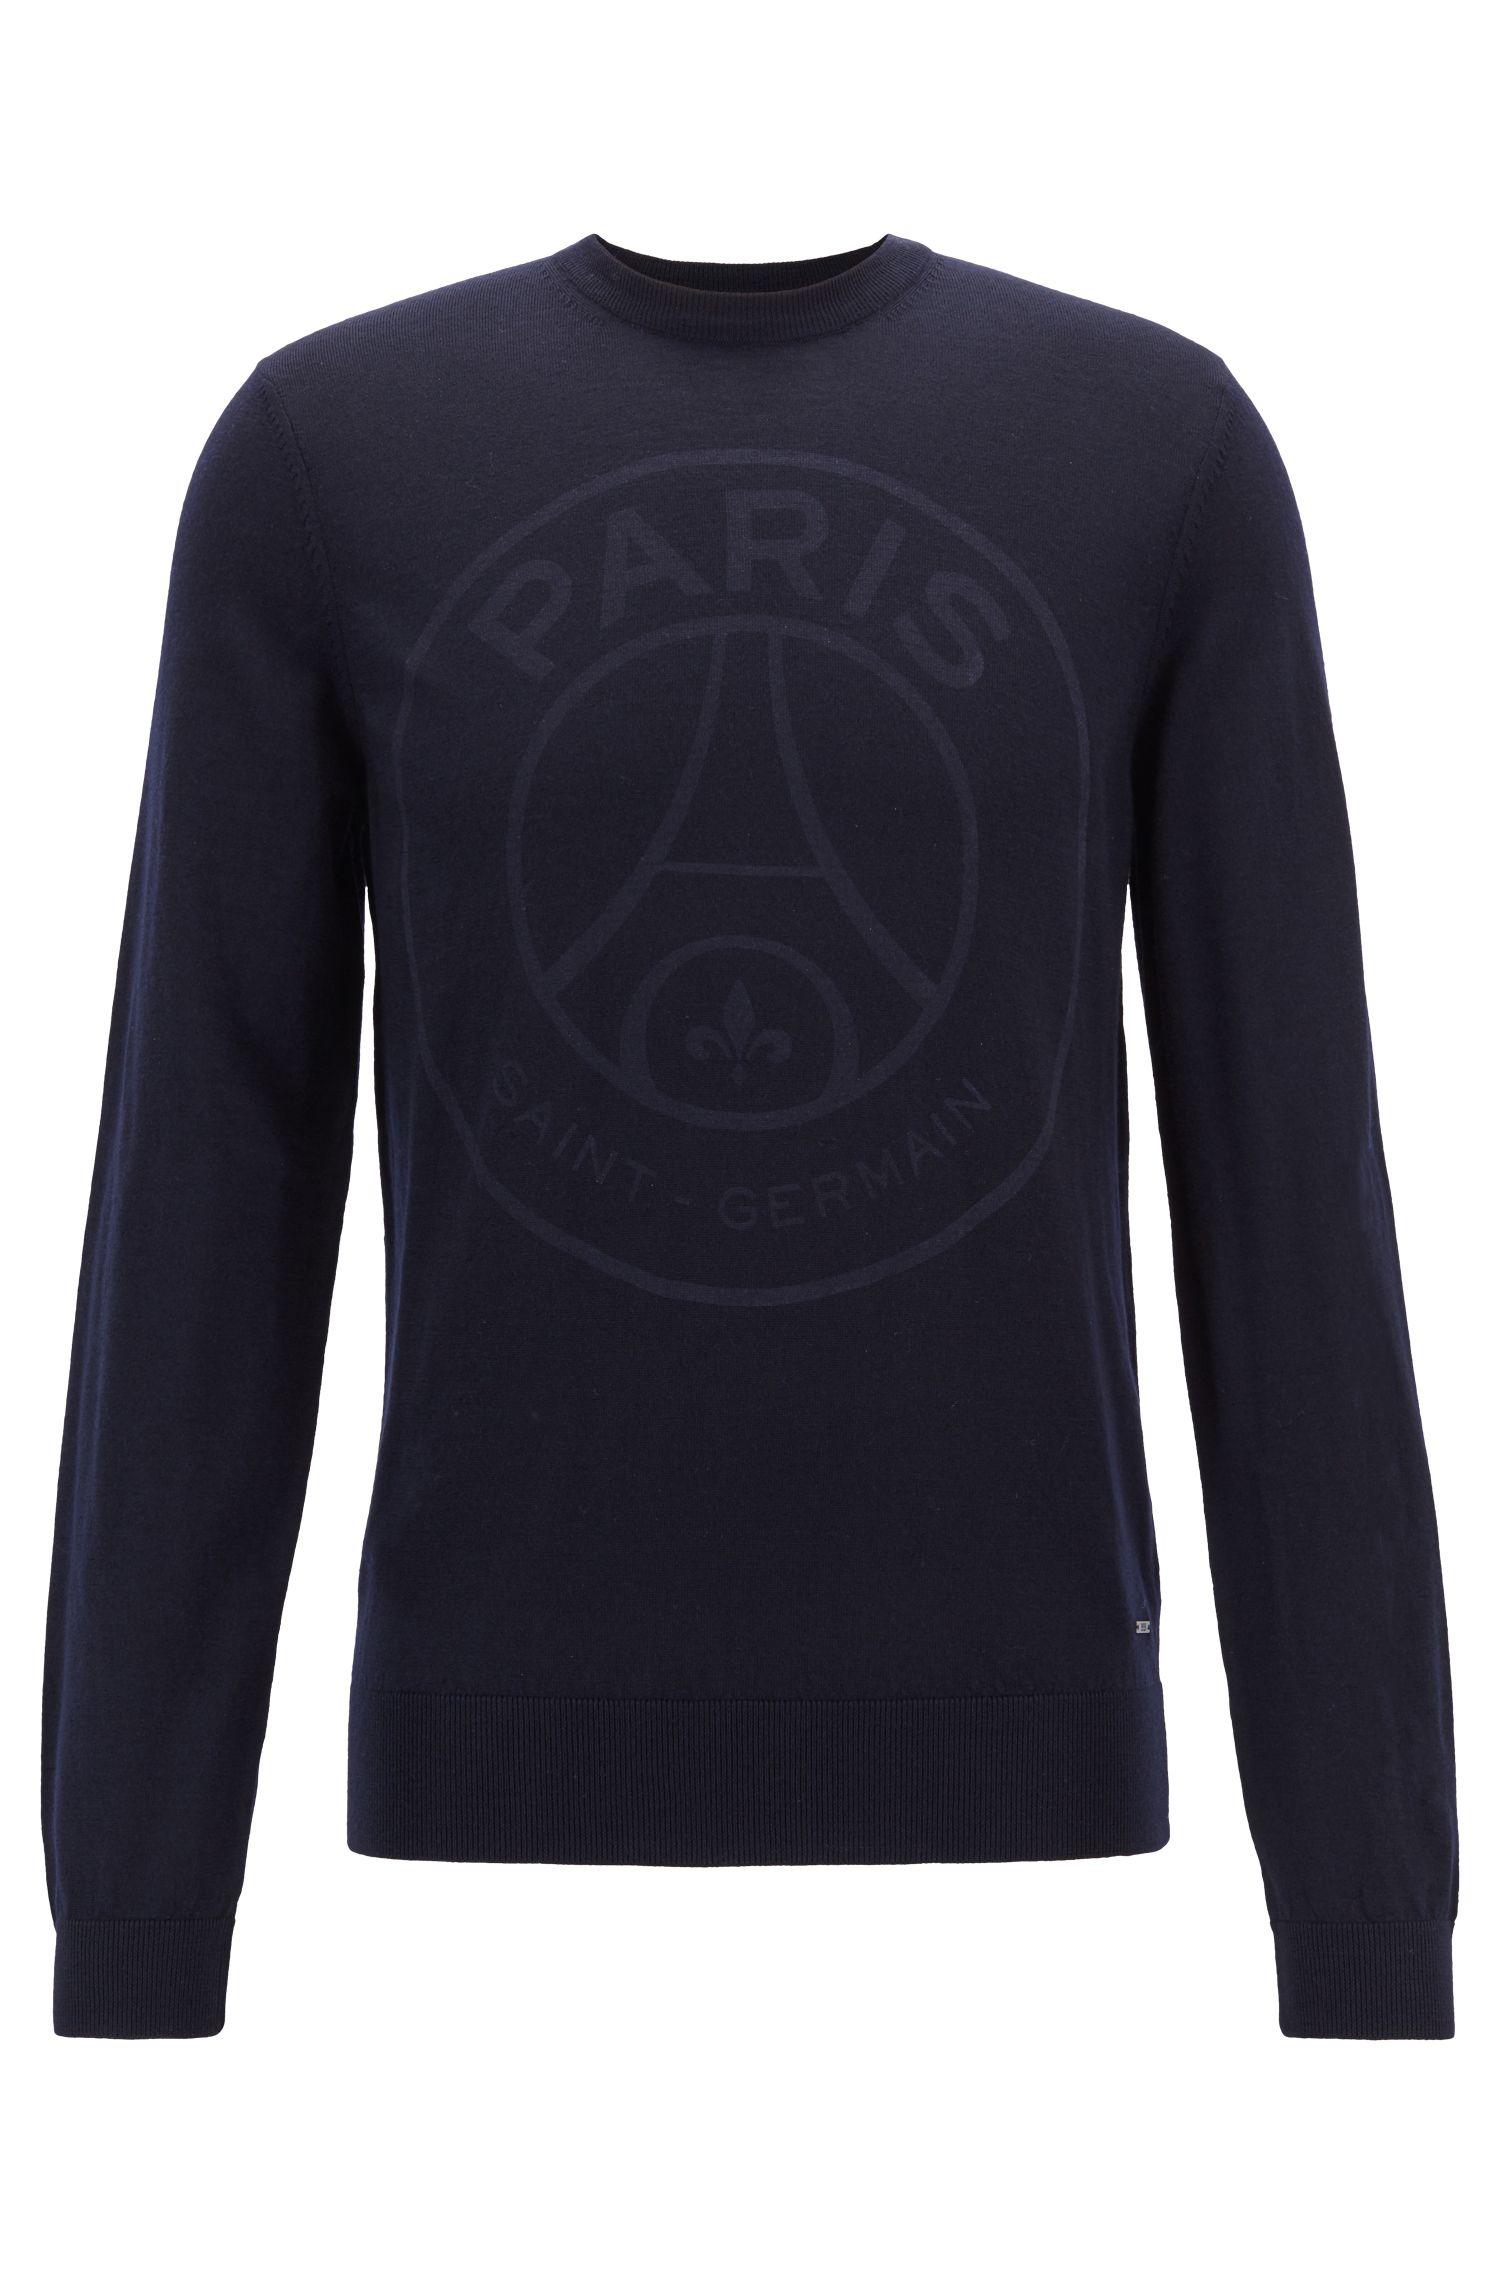 Pull en laine avec logo Paris Saint-Germain, en édition limitée, Bleu foncé